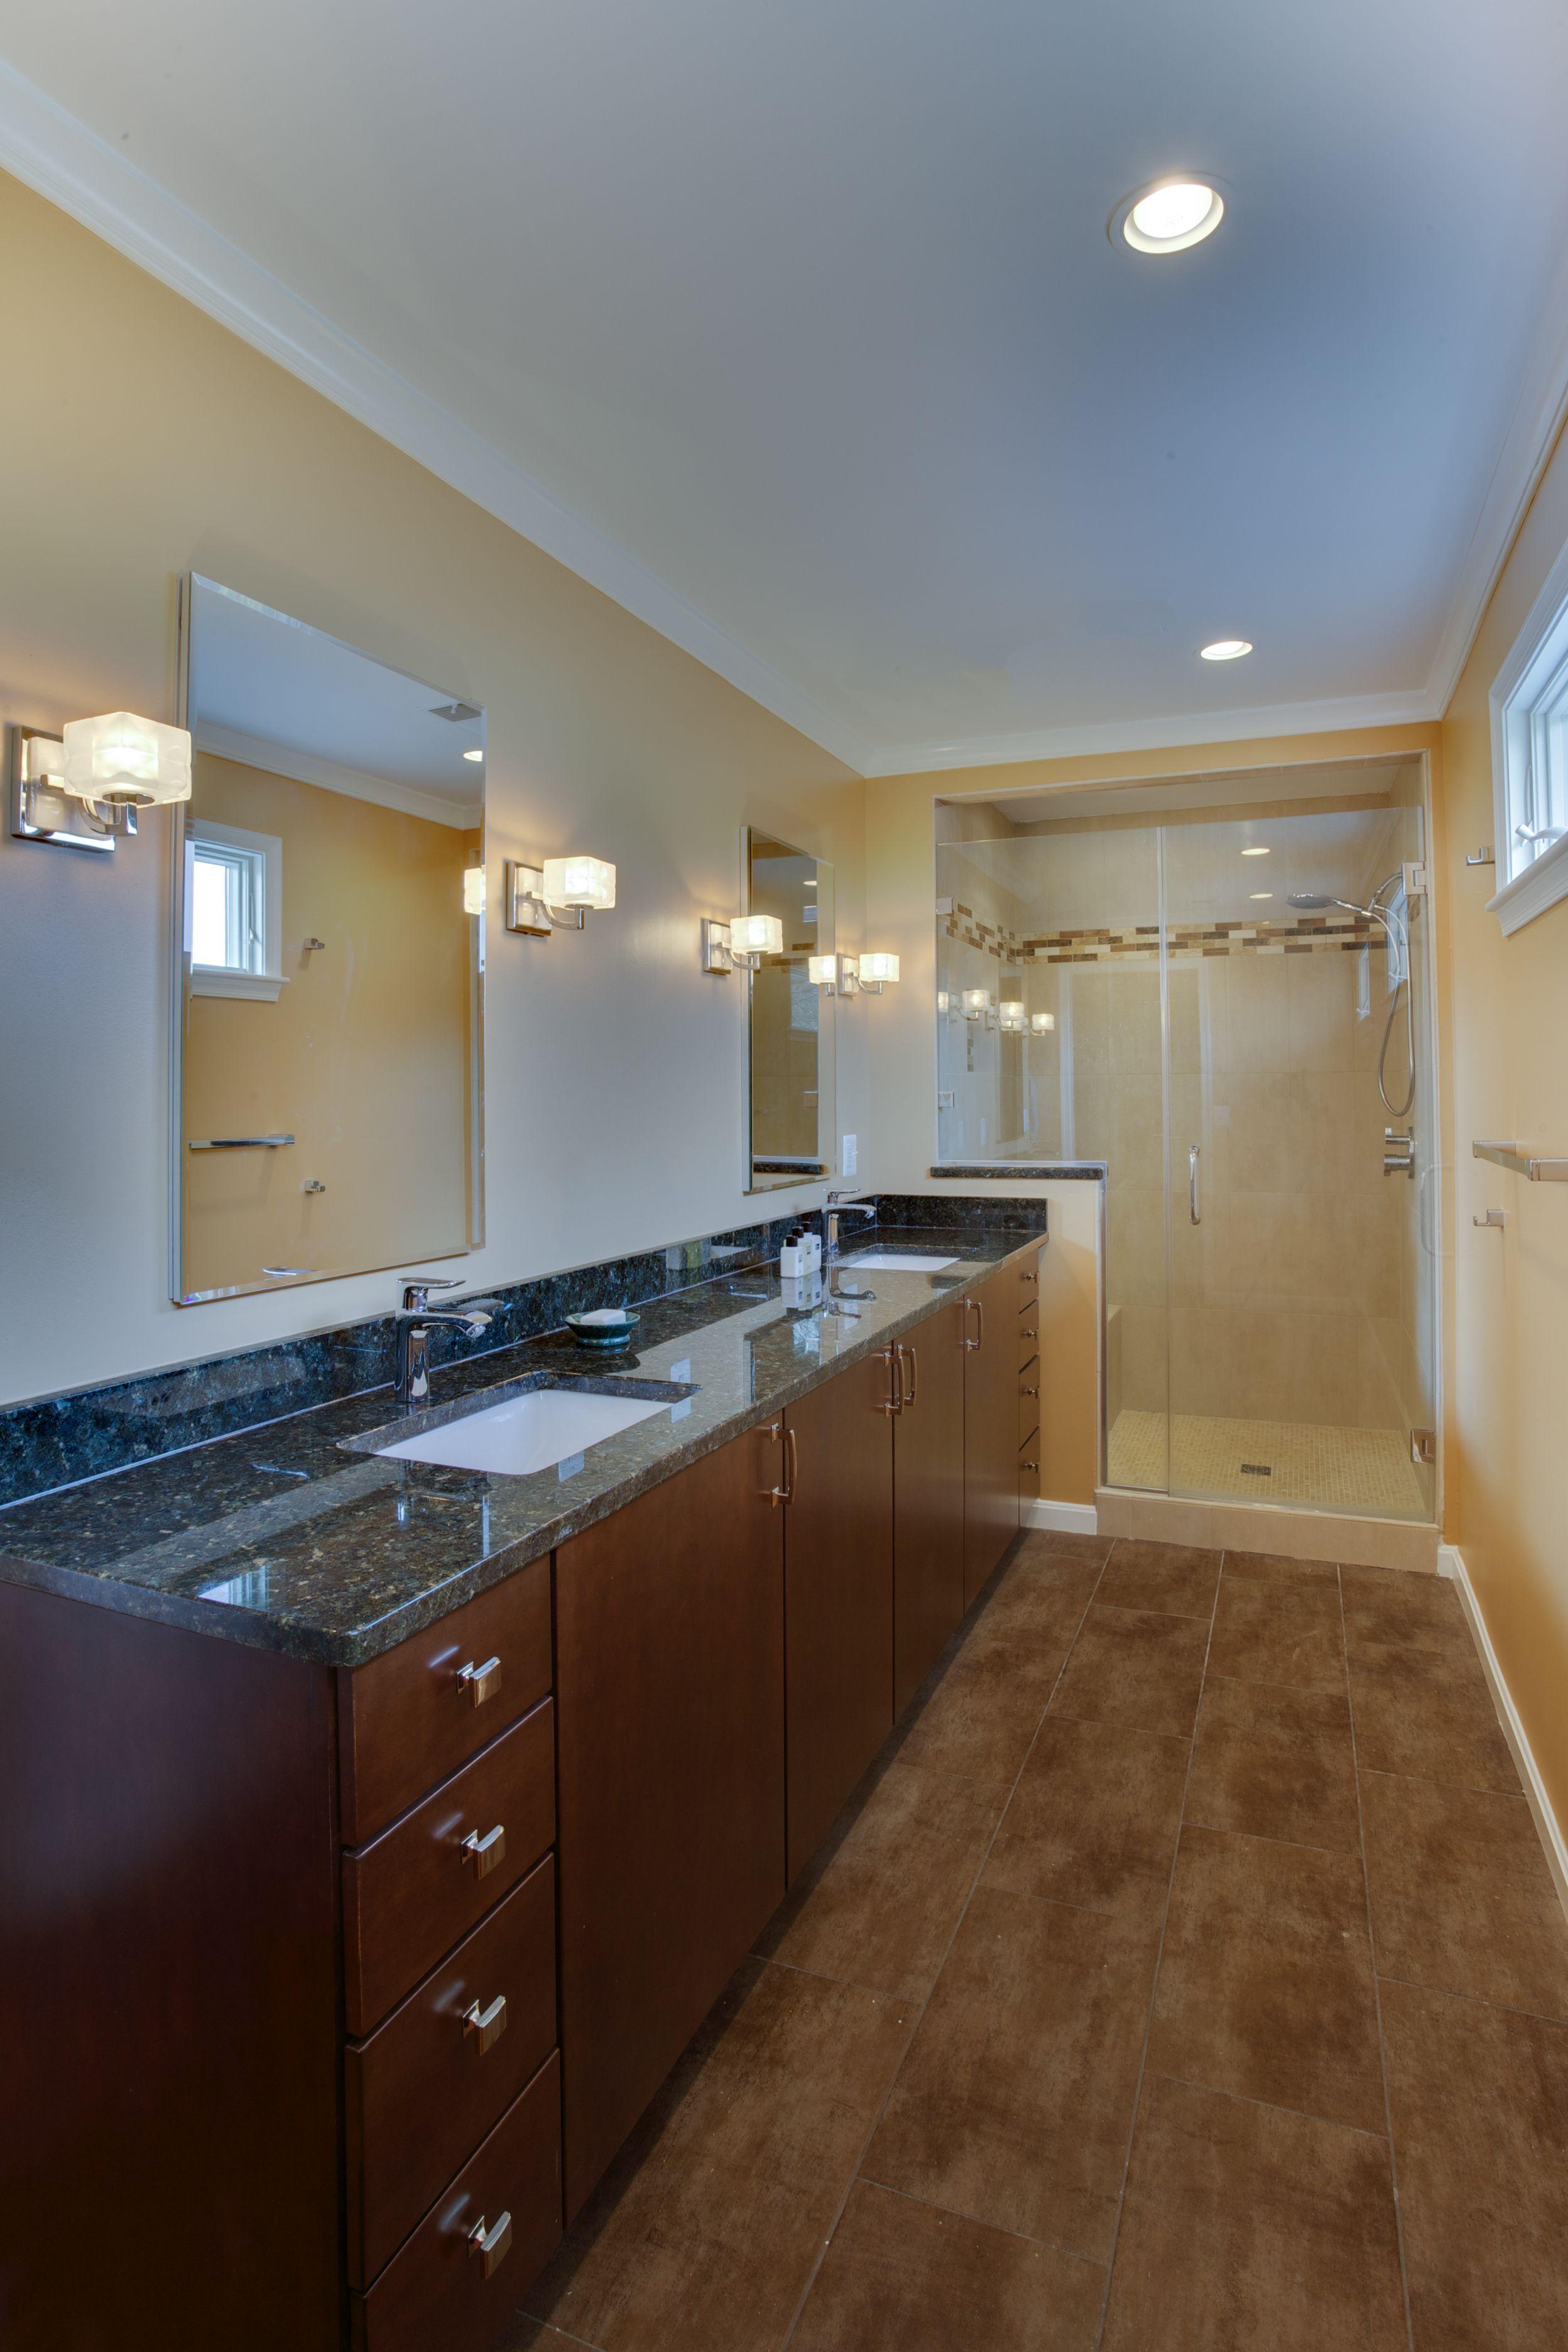 Daniels Design And Remodeling Bathroom Granite Countertops Tile